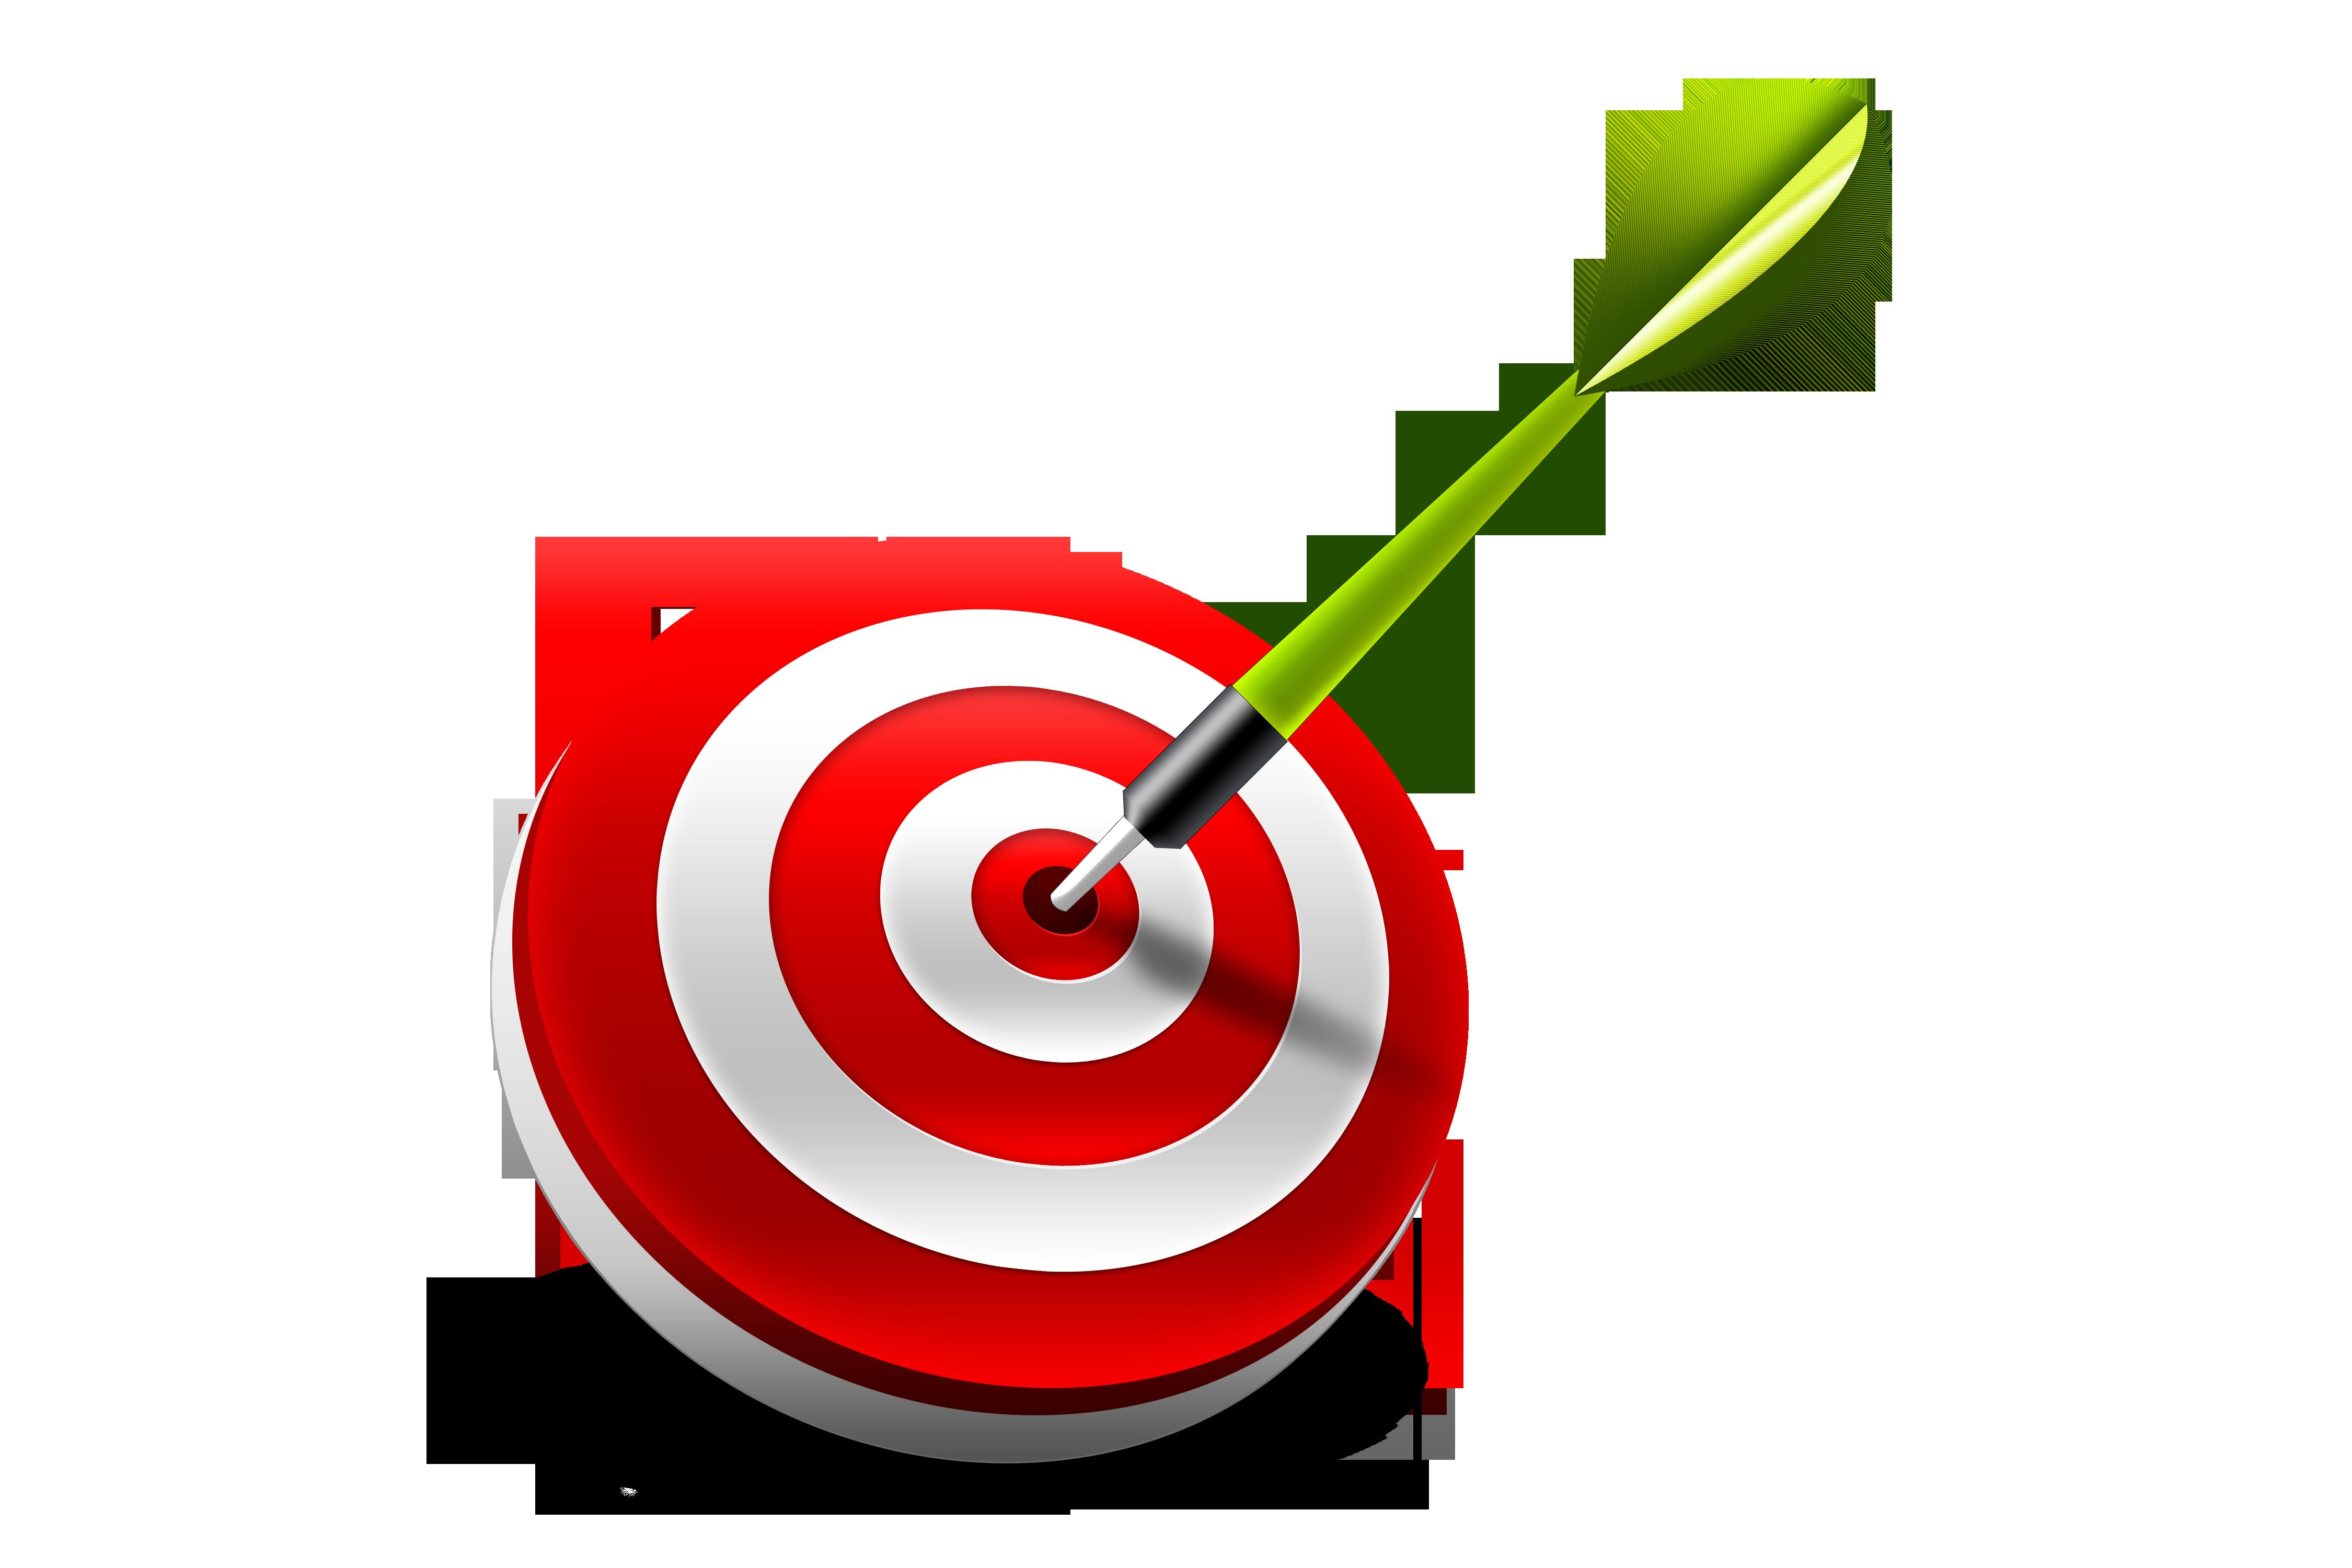 Bullseye clipart dart, Bullseye dart Transparent FREE for.